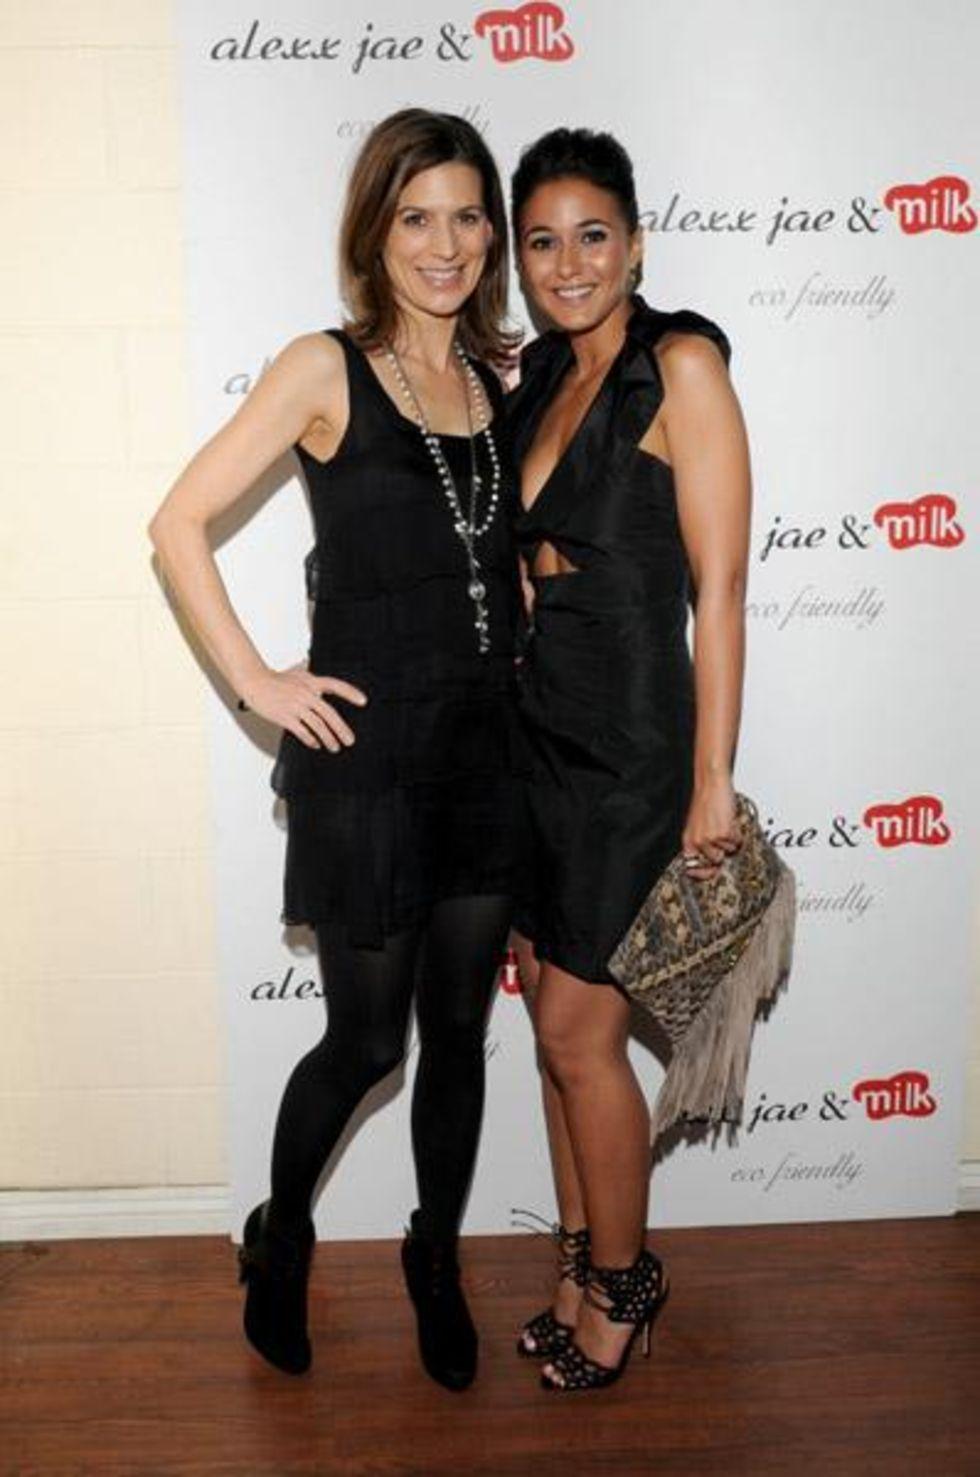 Emmanuelle Chriqui 2010 : emmanuelle-chriqui-cleavage-at-alexx-jae-milk-fw10-collection-launch-party-2010-19